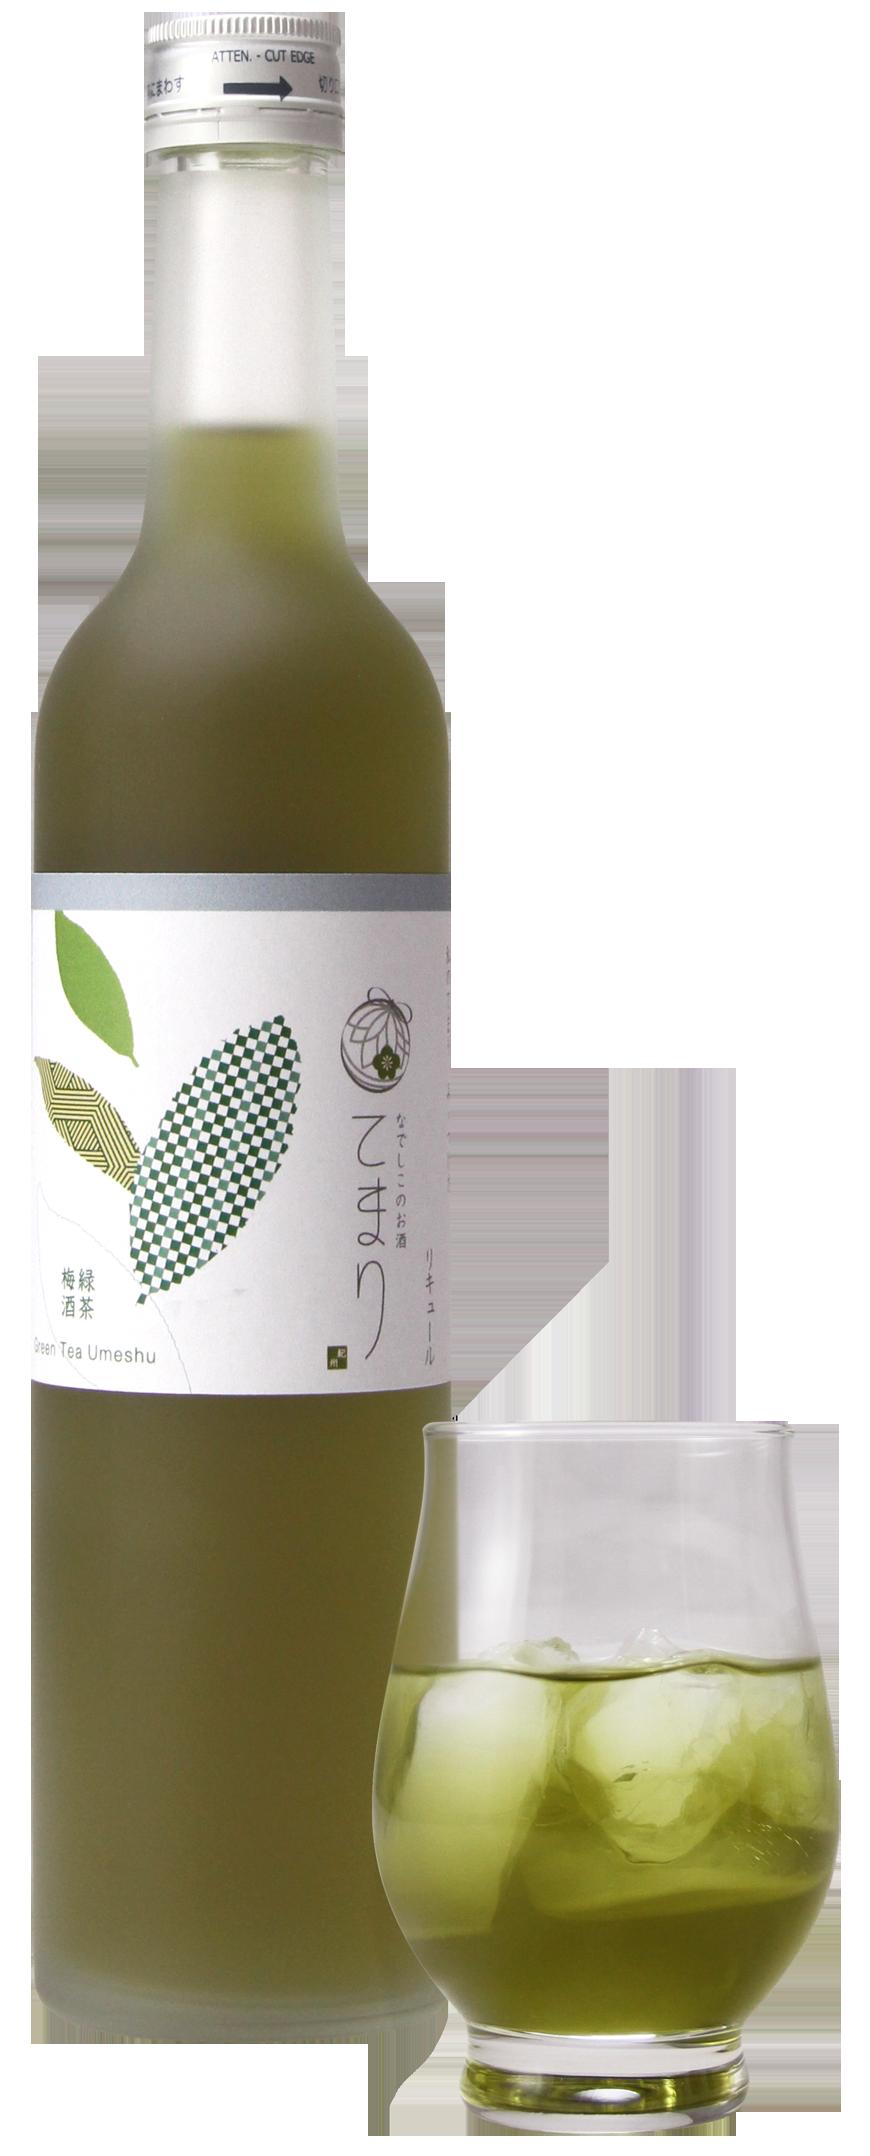 なでしこのお酒「てまり」緑茶梅酒500&グラス_PNG00